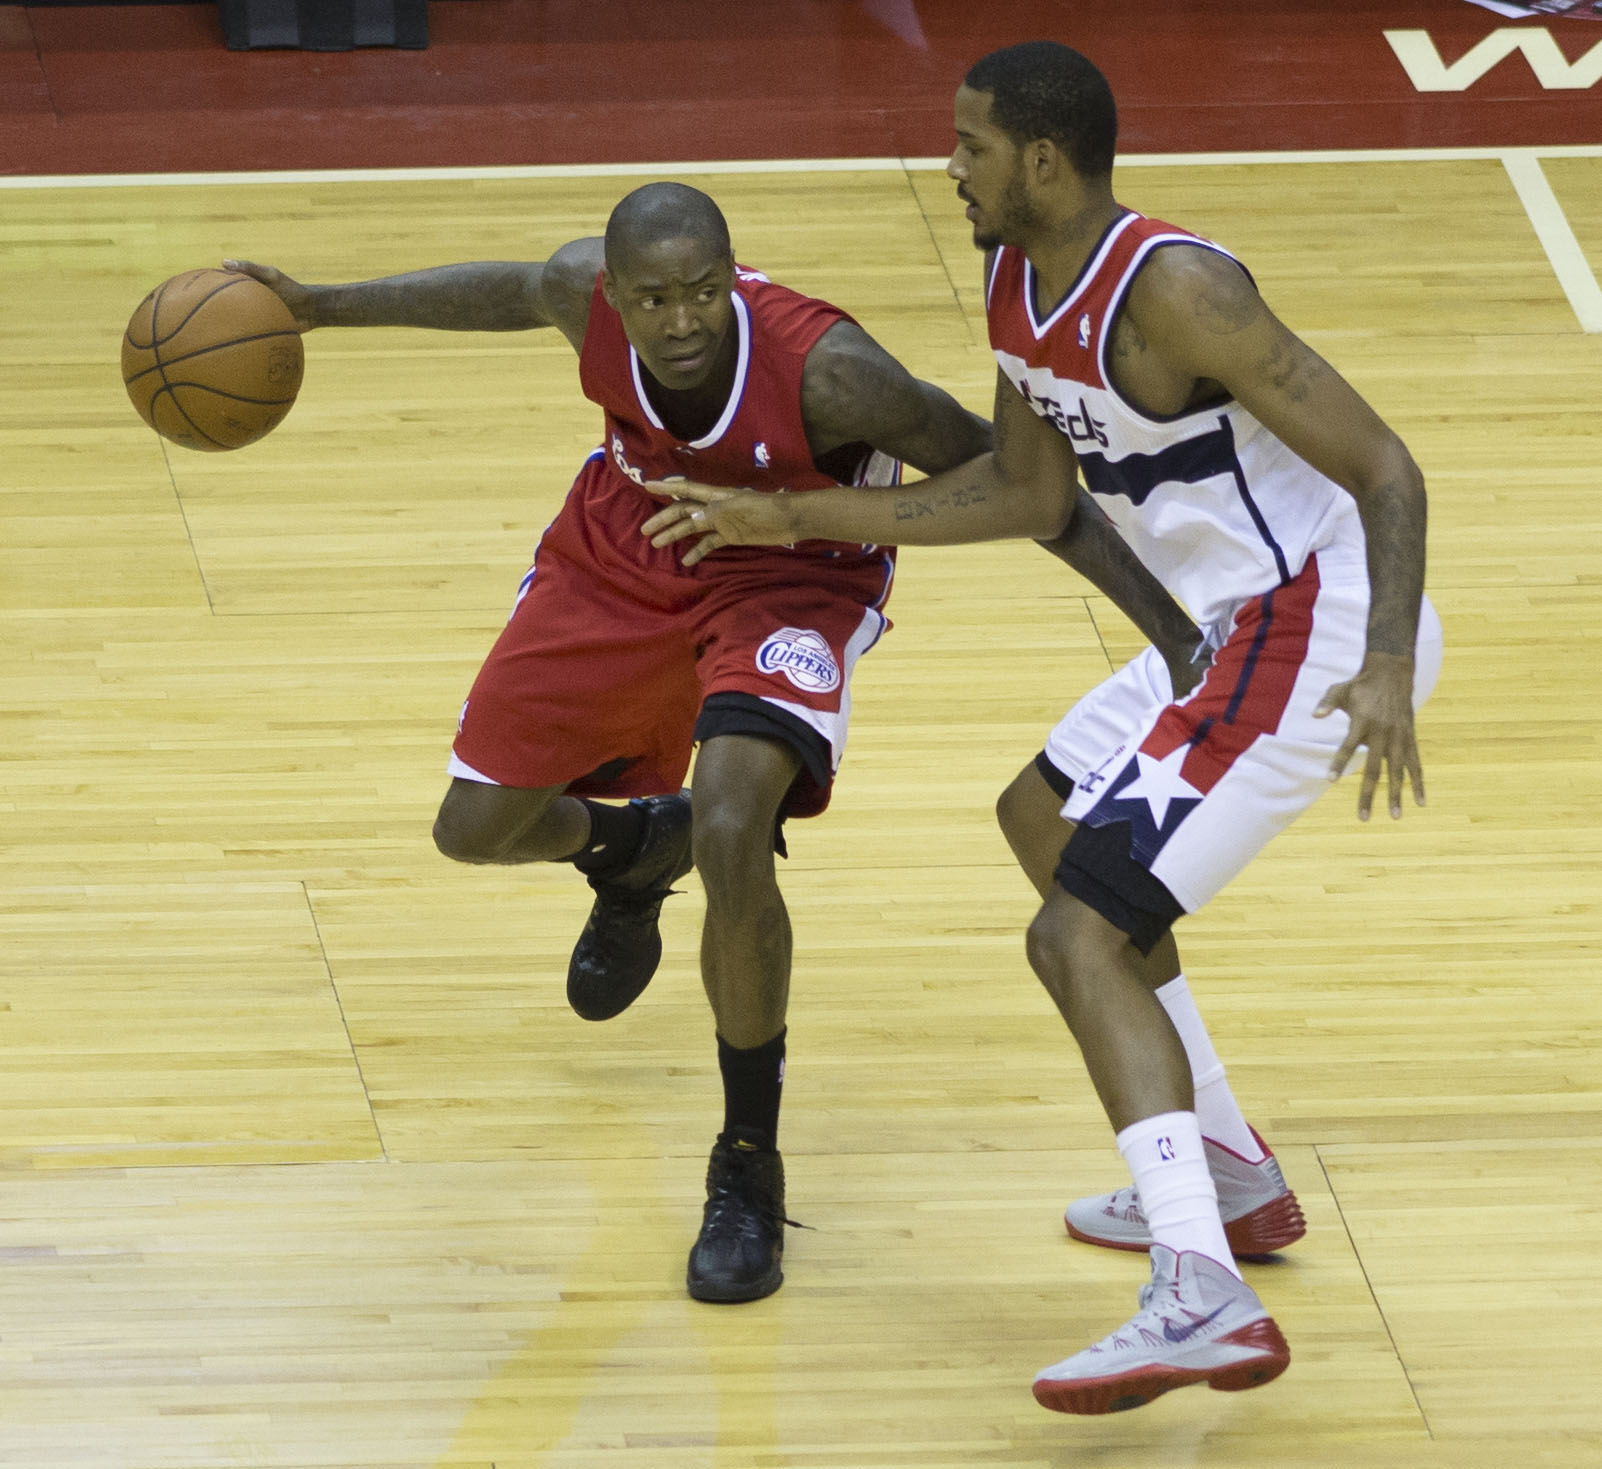 Blazers Basketball Reference: Jamal Crawford